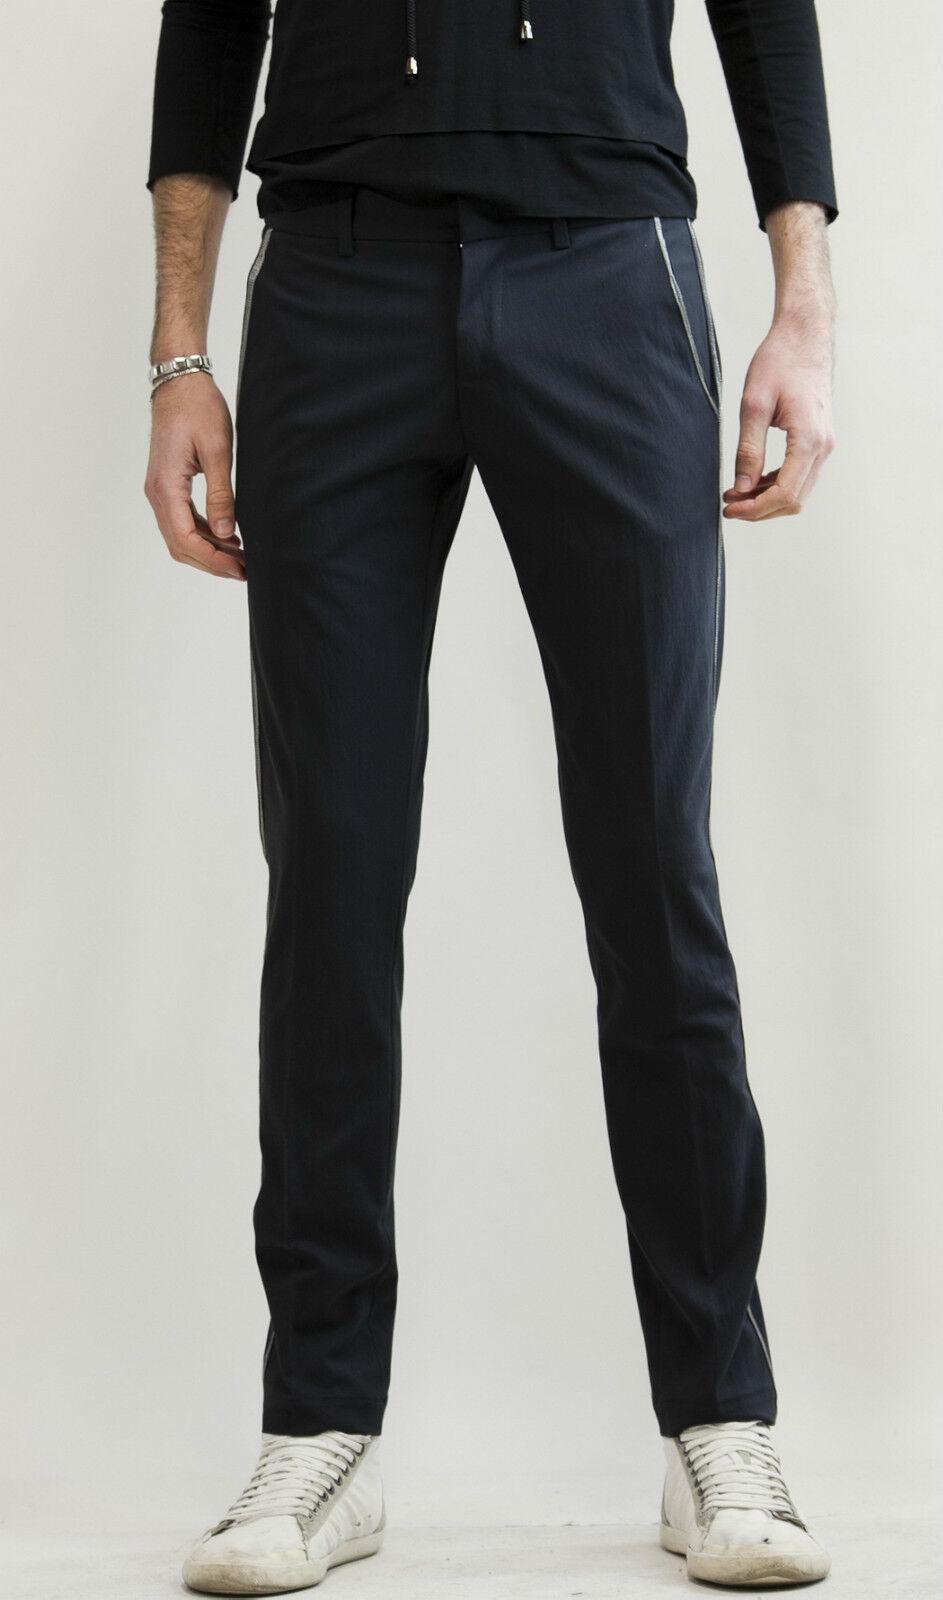 IMPERIAL Pantalone Slim Fit Elastico profilo silverato men M. PZL7KES 70%